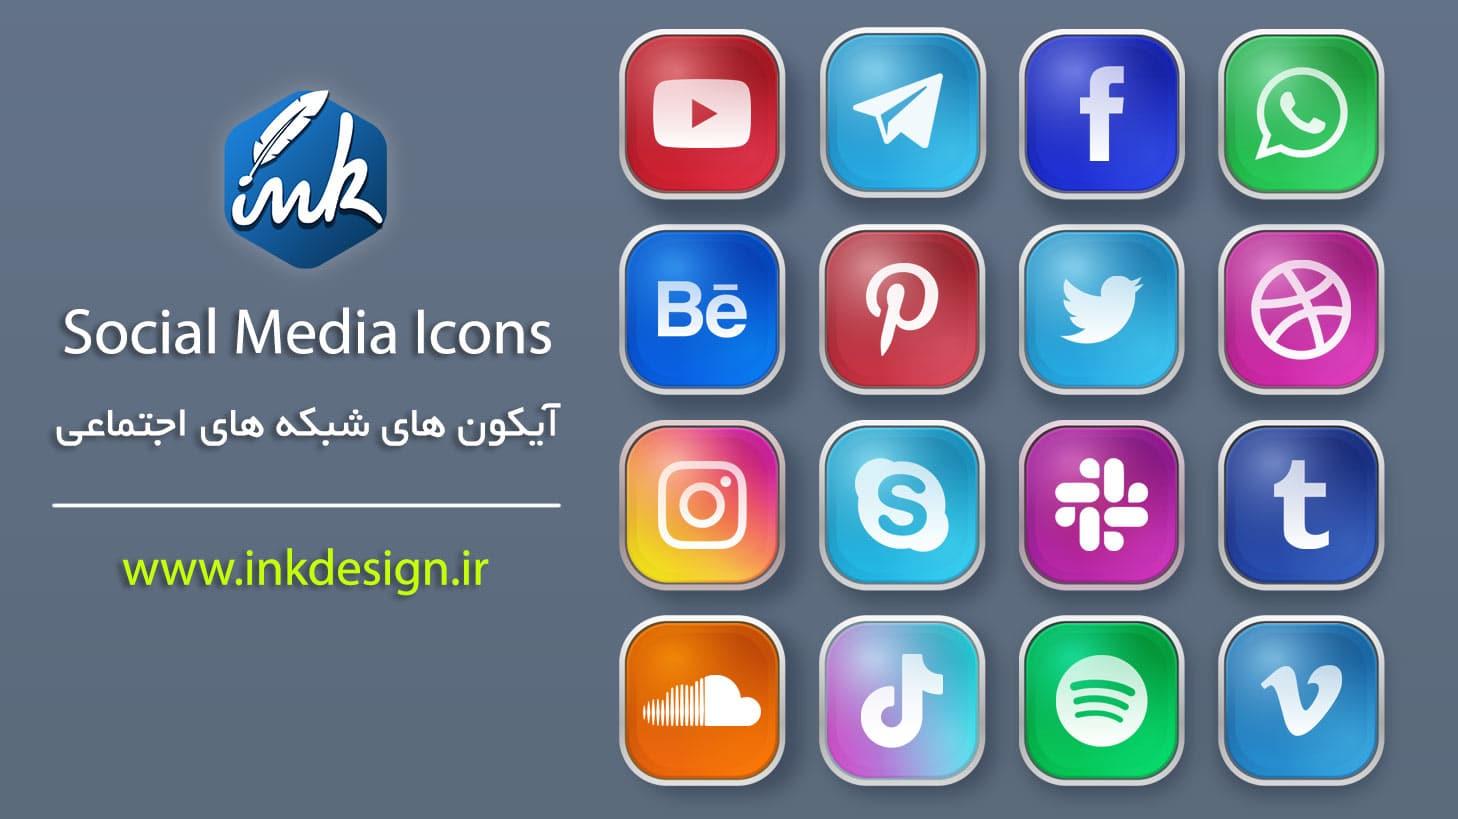 ایکون شبکه های اجتماعی